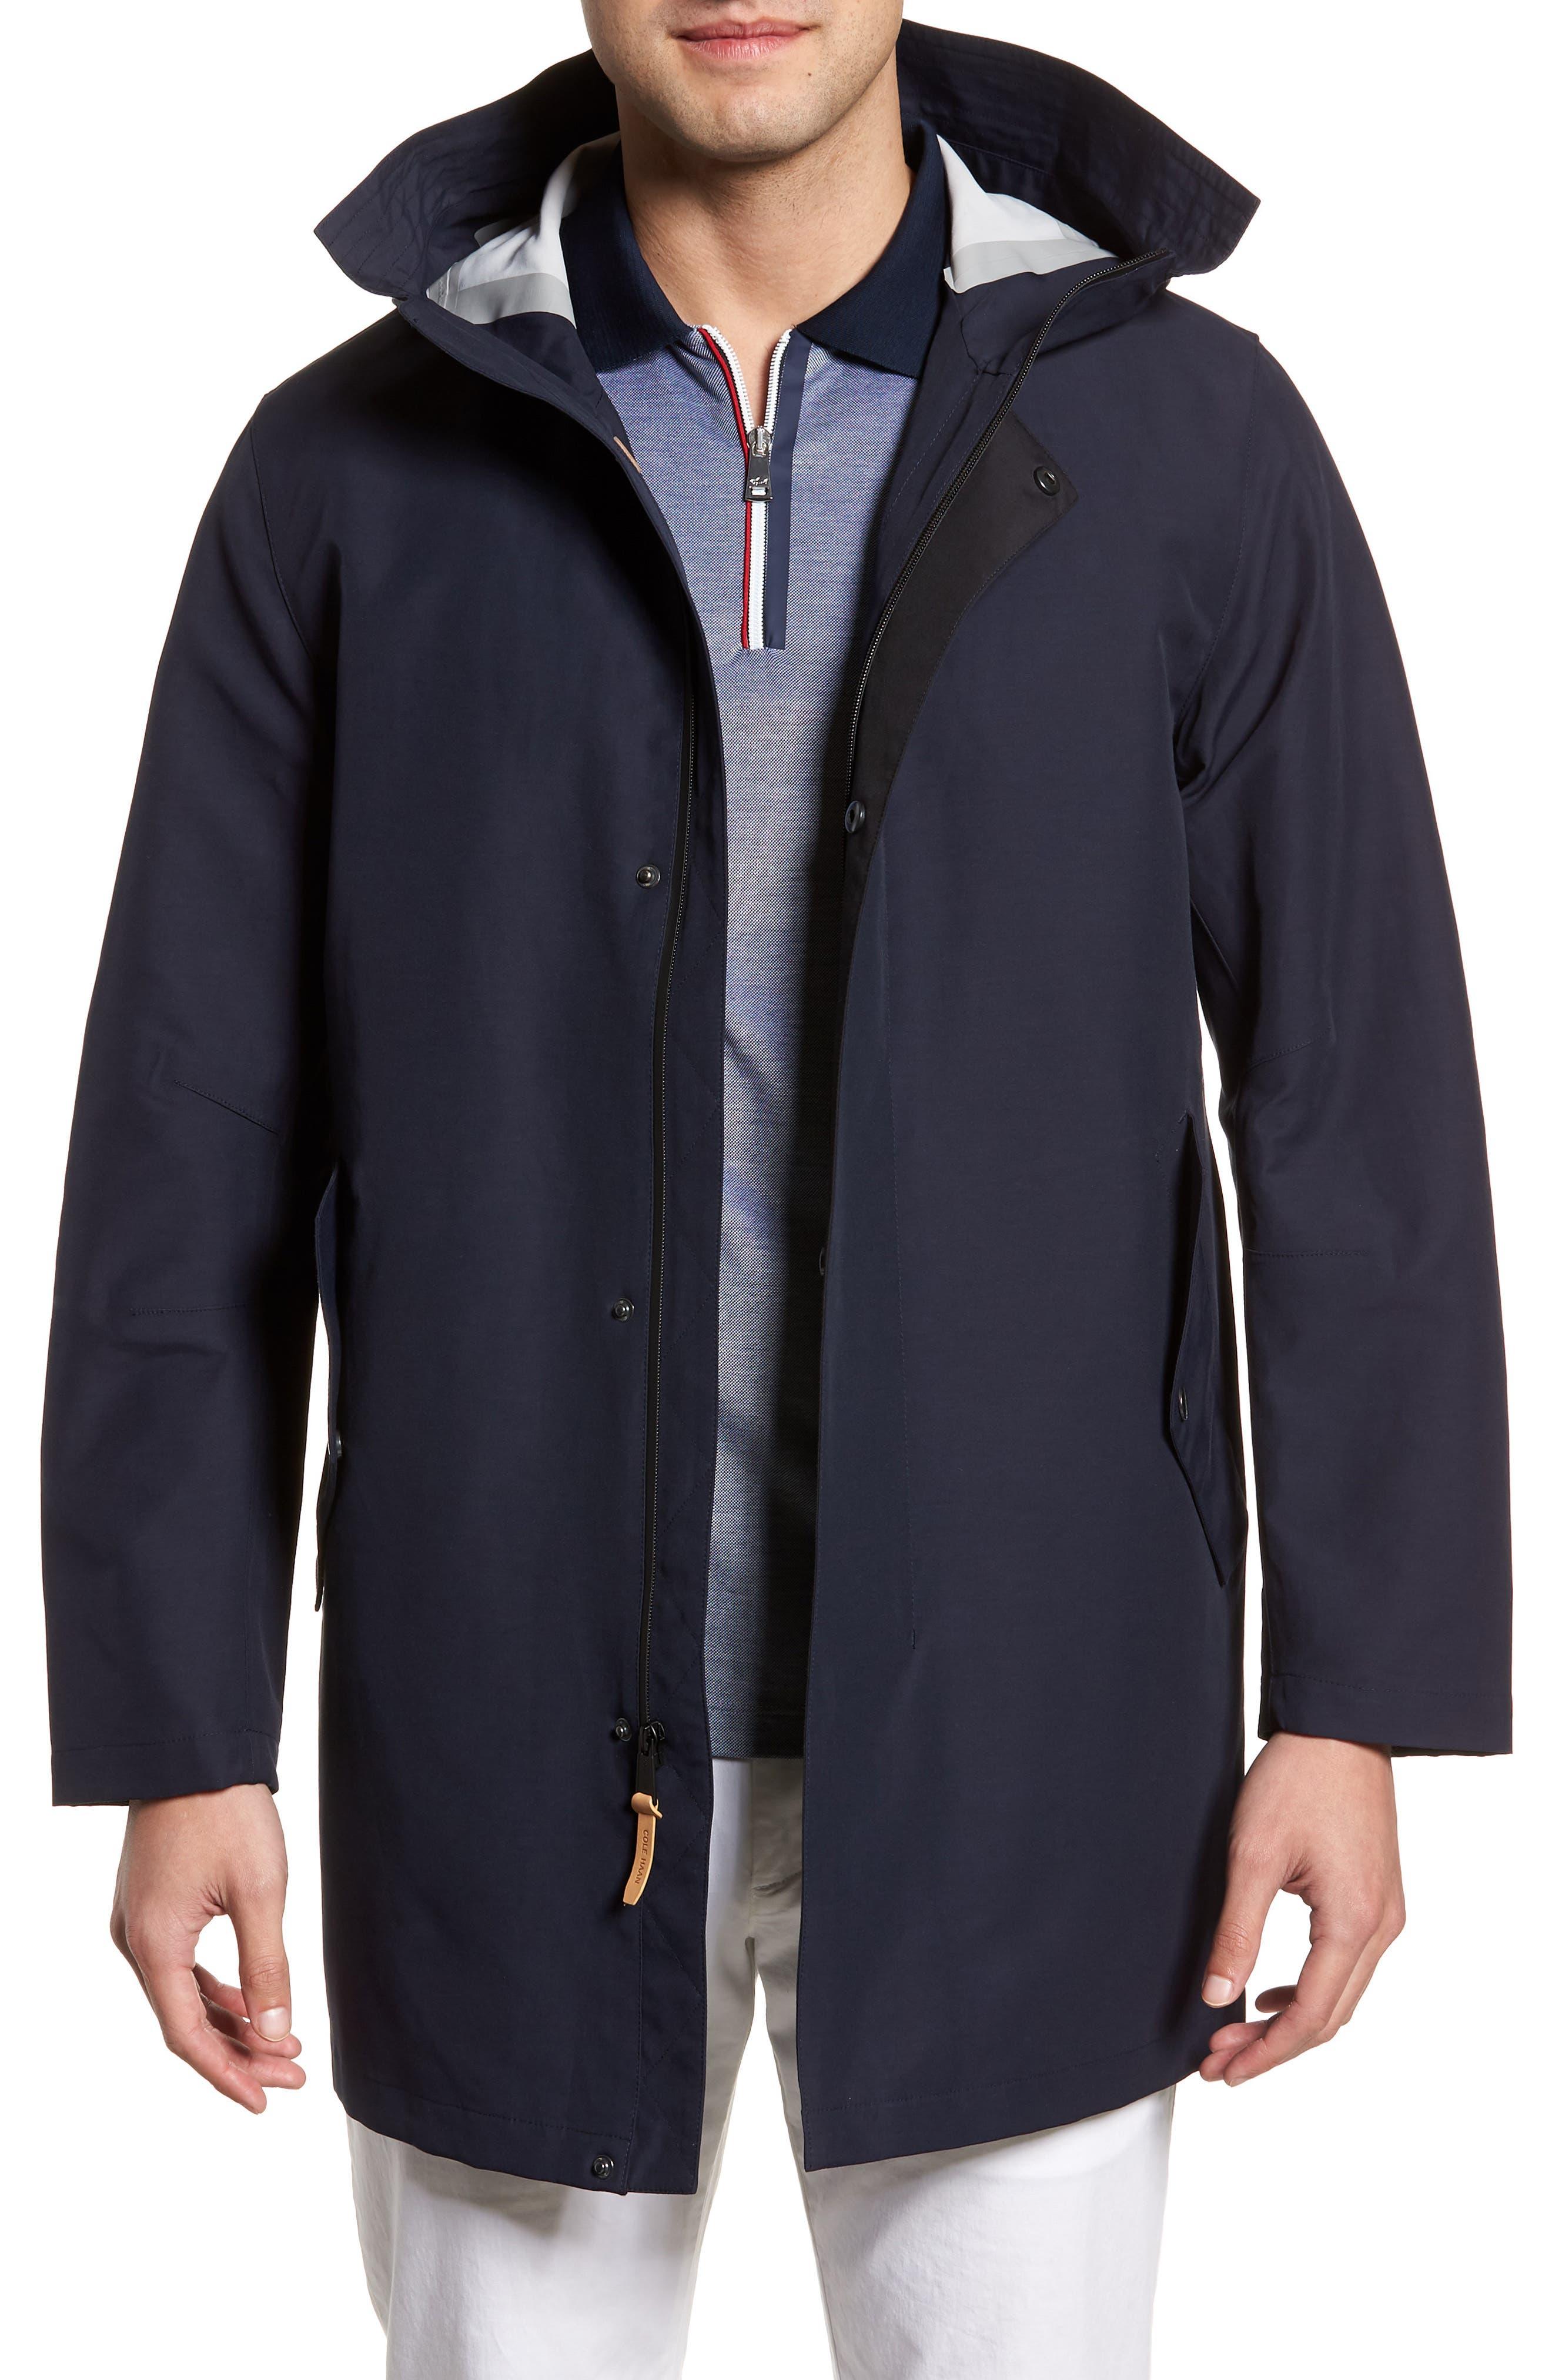 Cole Haan Bonded Cotton Blend Rain Jacket